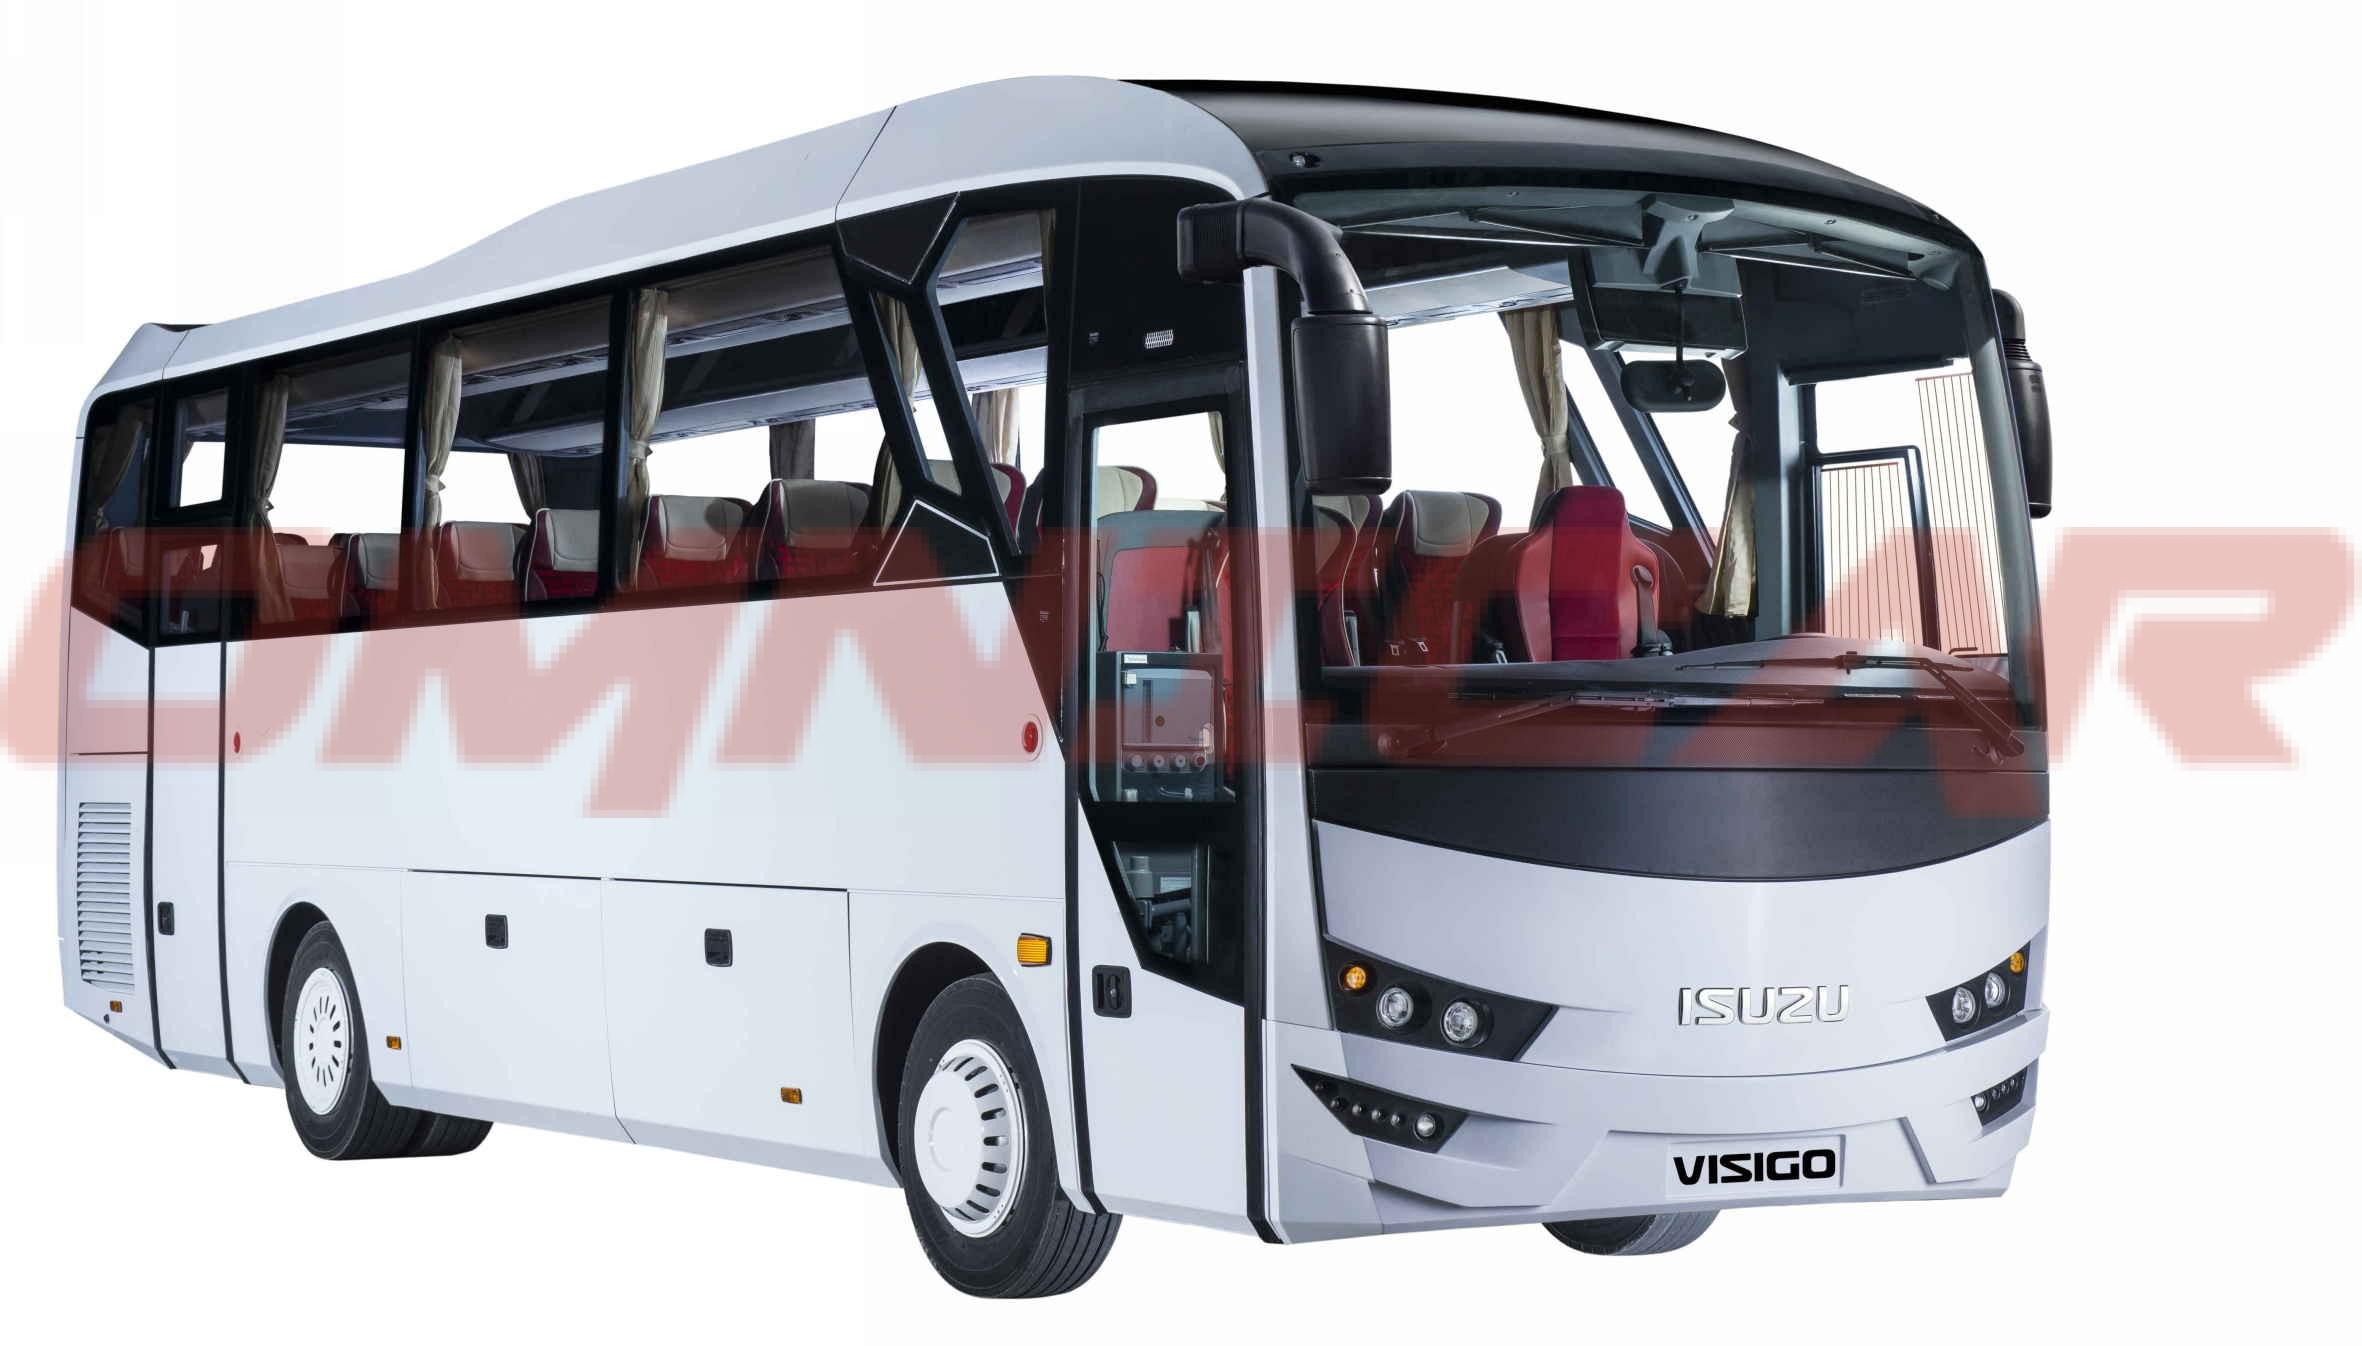 Isuzu-Bus Visigo - 39+1+1 Plätze omnicar Deutschland